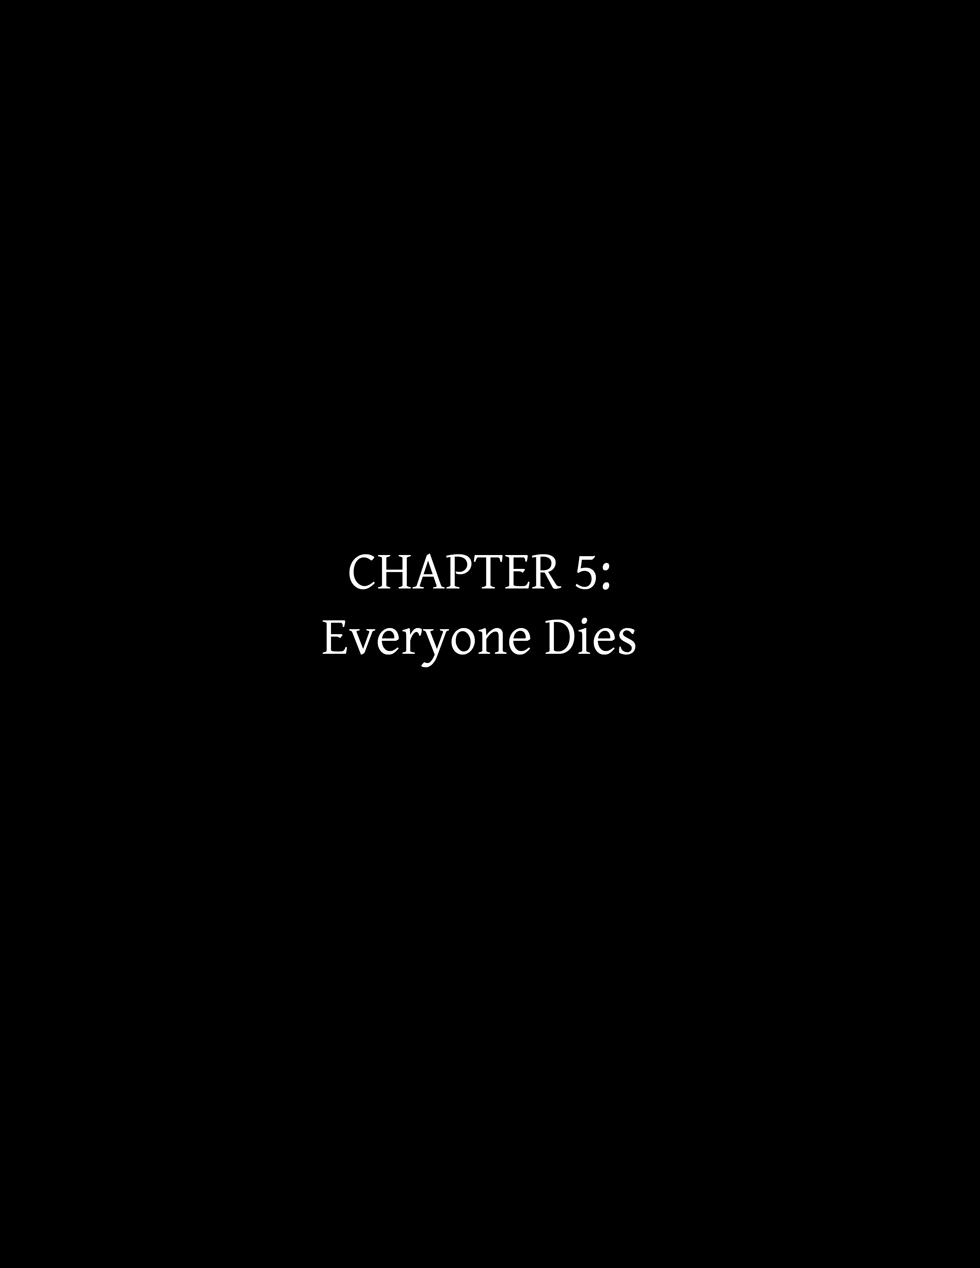 Chapter 5: Everyone Dies